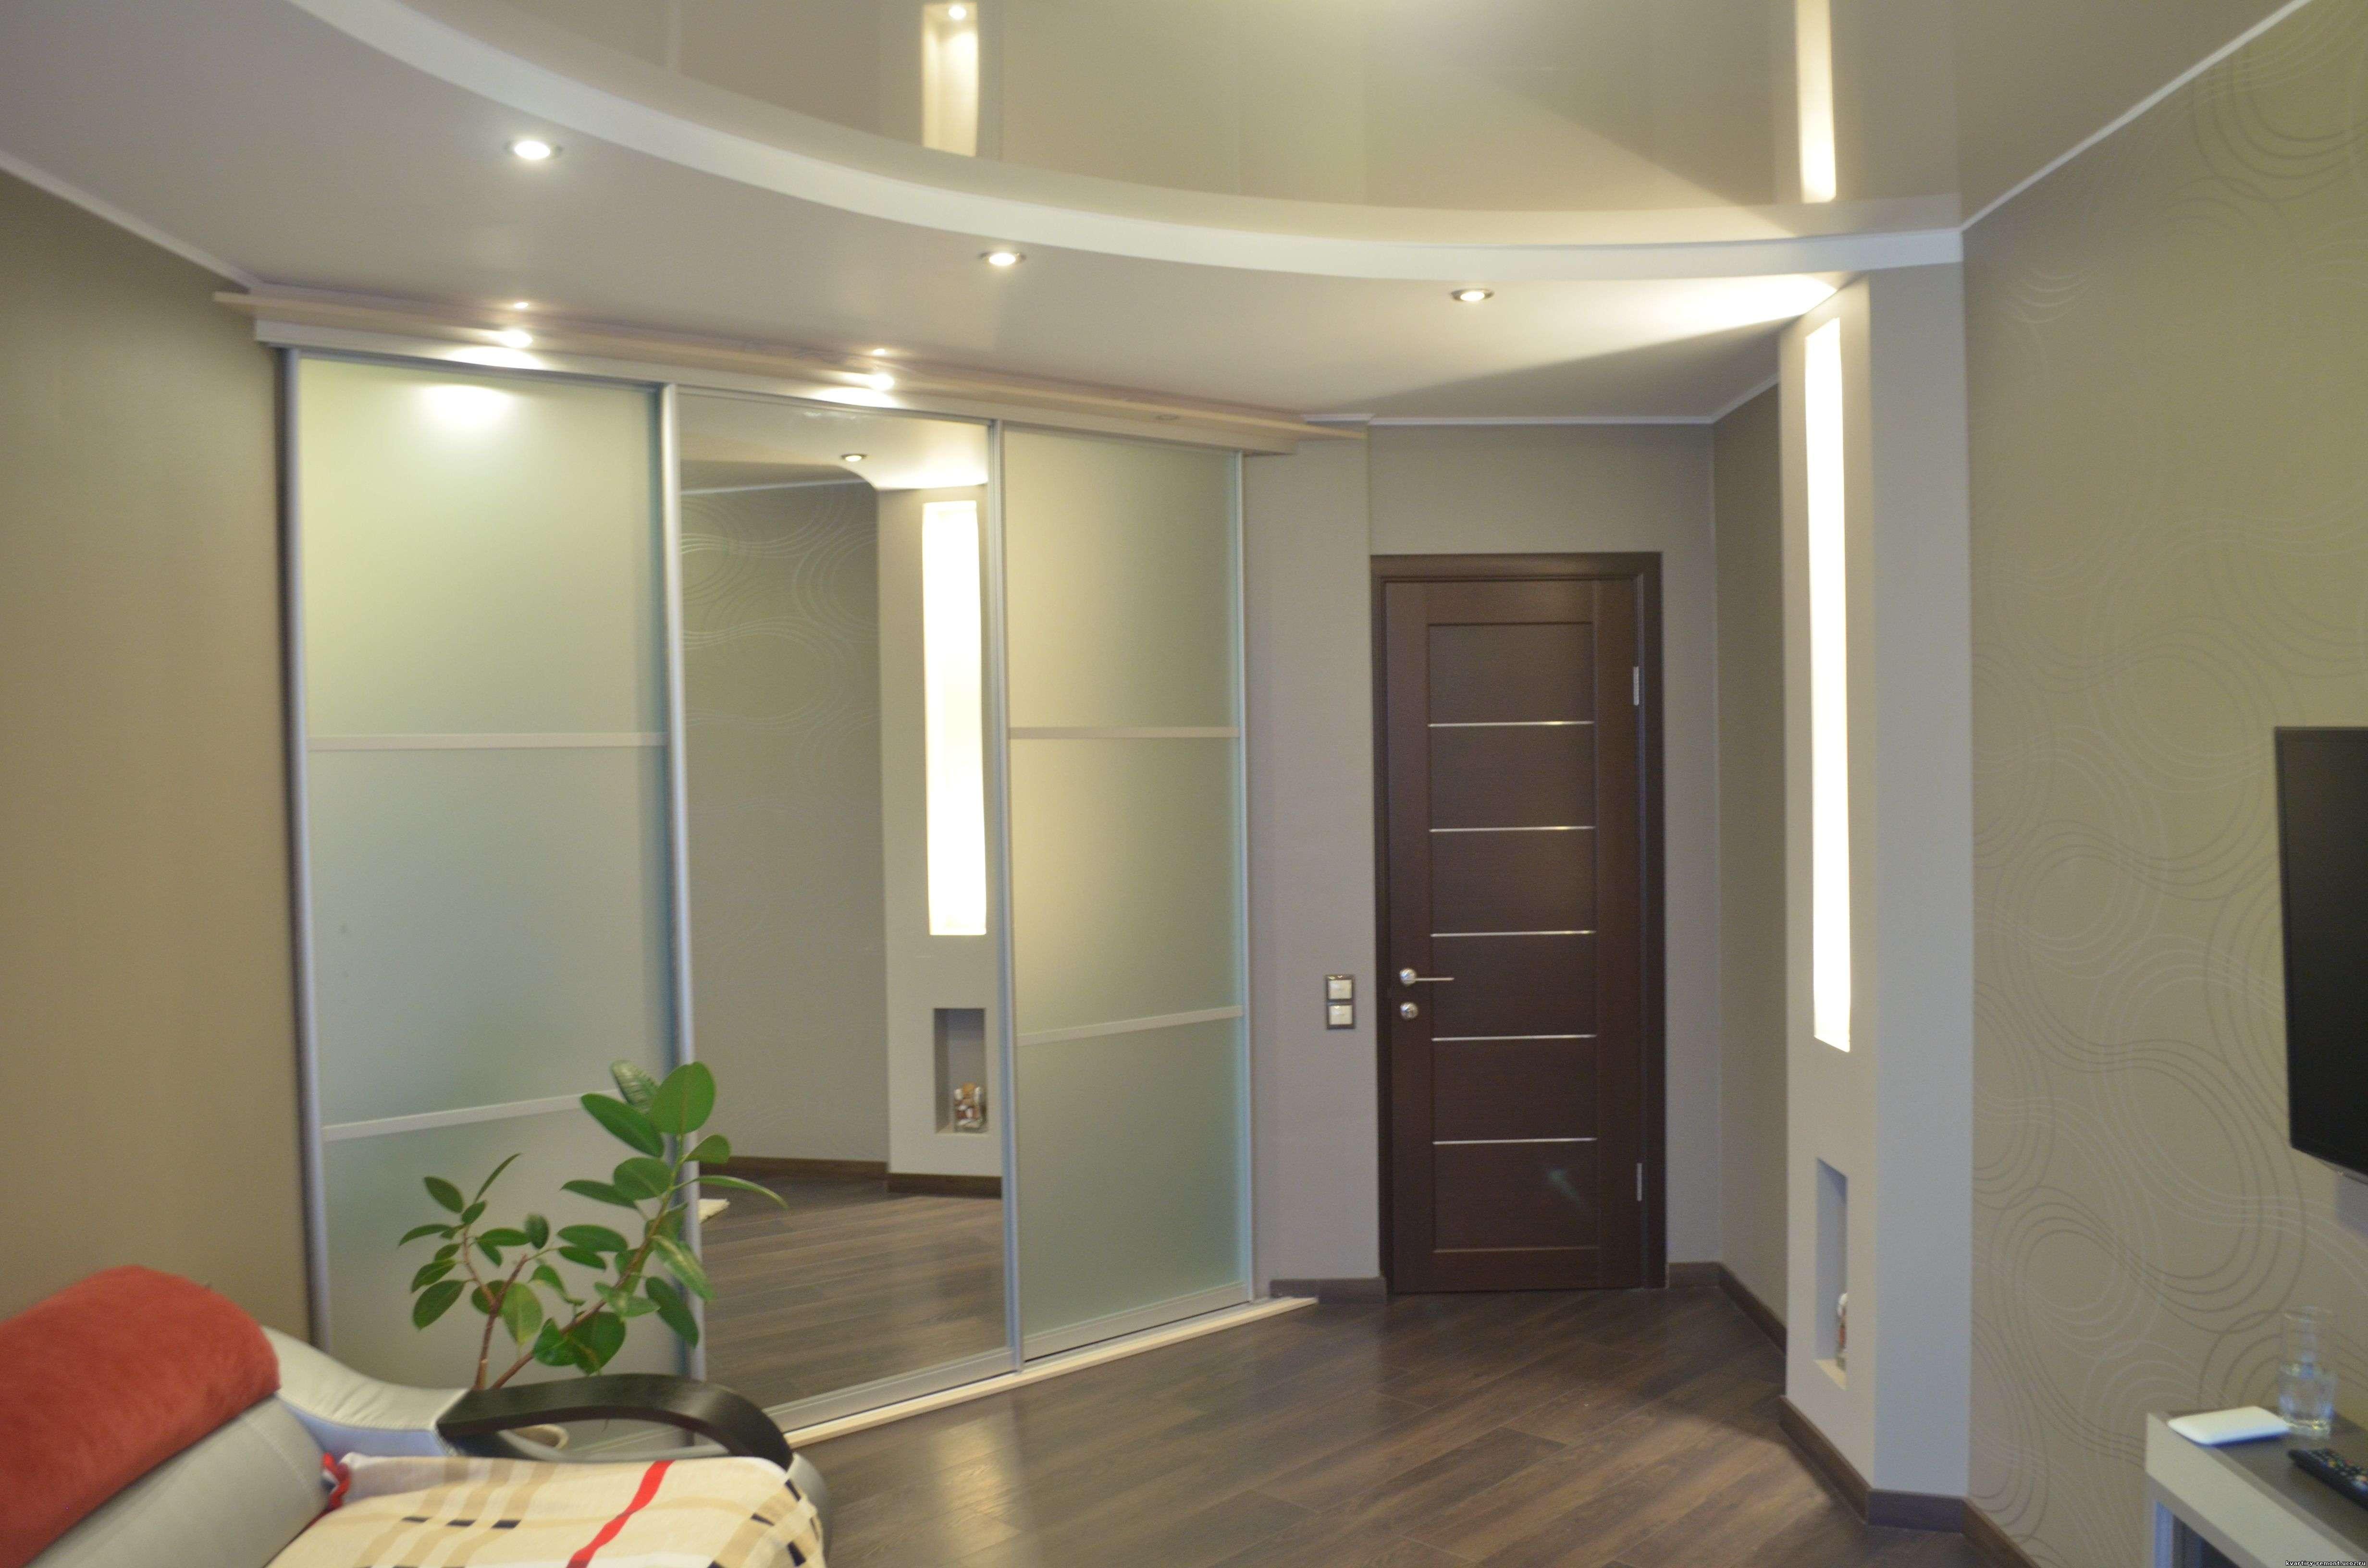 Качественный ремонт квартиры под ключ в москве: смета и фото.